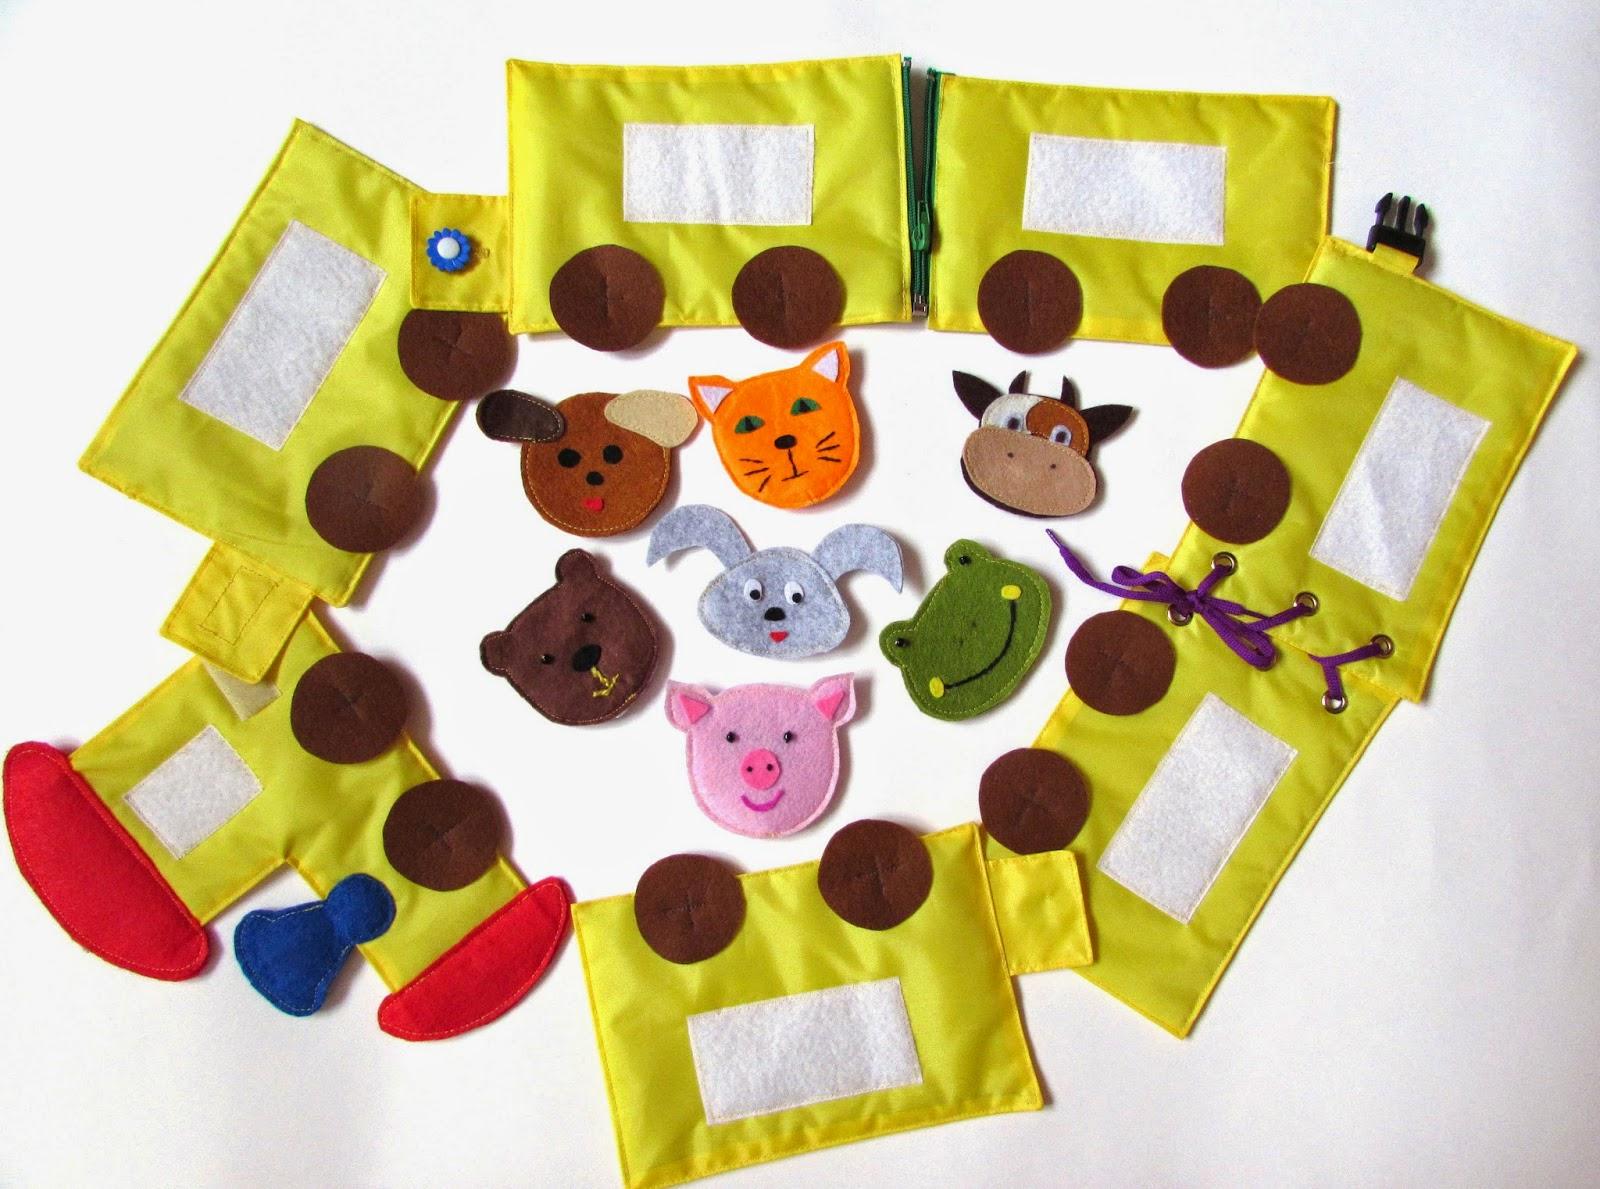 Реквизит для праздников, развивающая игрушка, праздники в Смоленске, Татьяна Бодрячок, аниматоры Смоленска